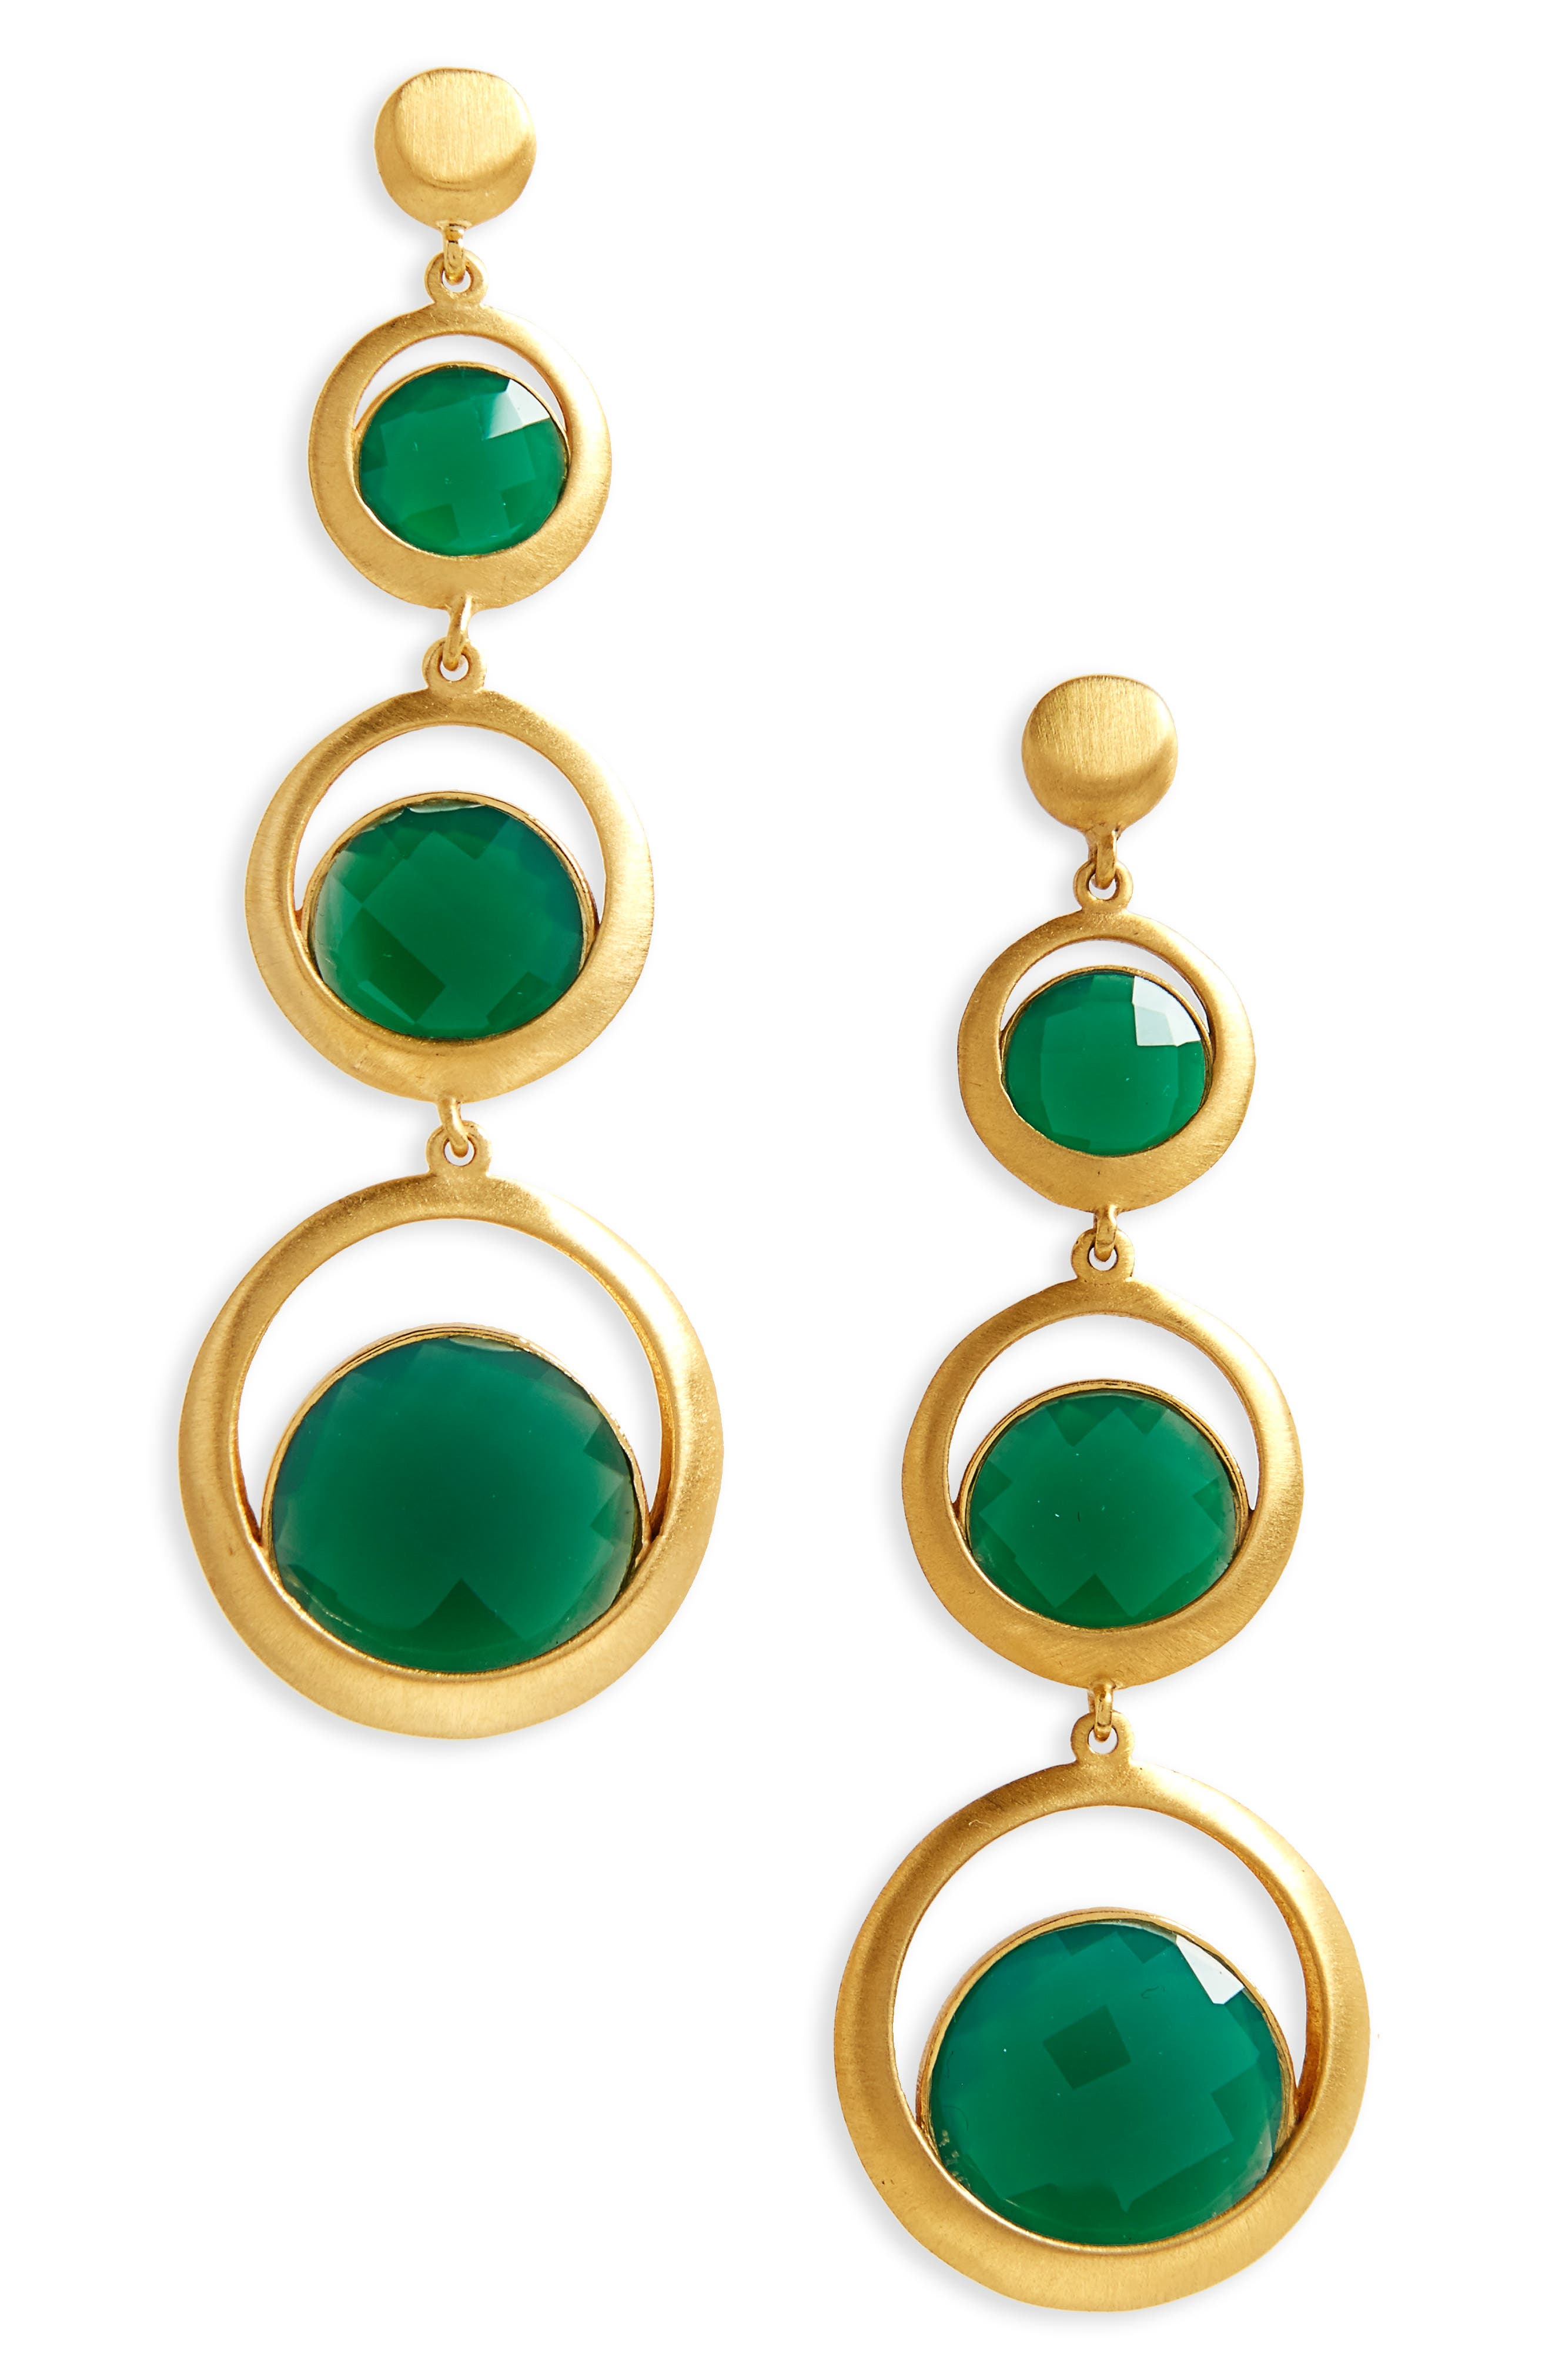 Triple Semiprecious Stone Drop Earrings,                             Main thumbnail 2, color,